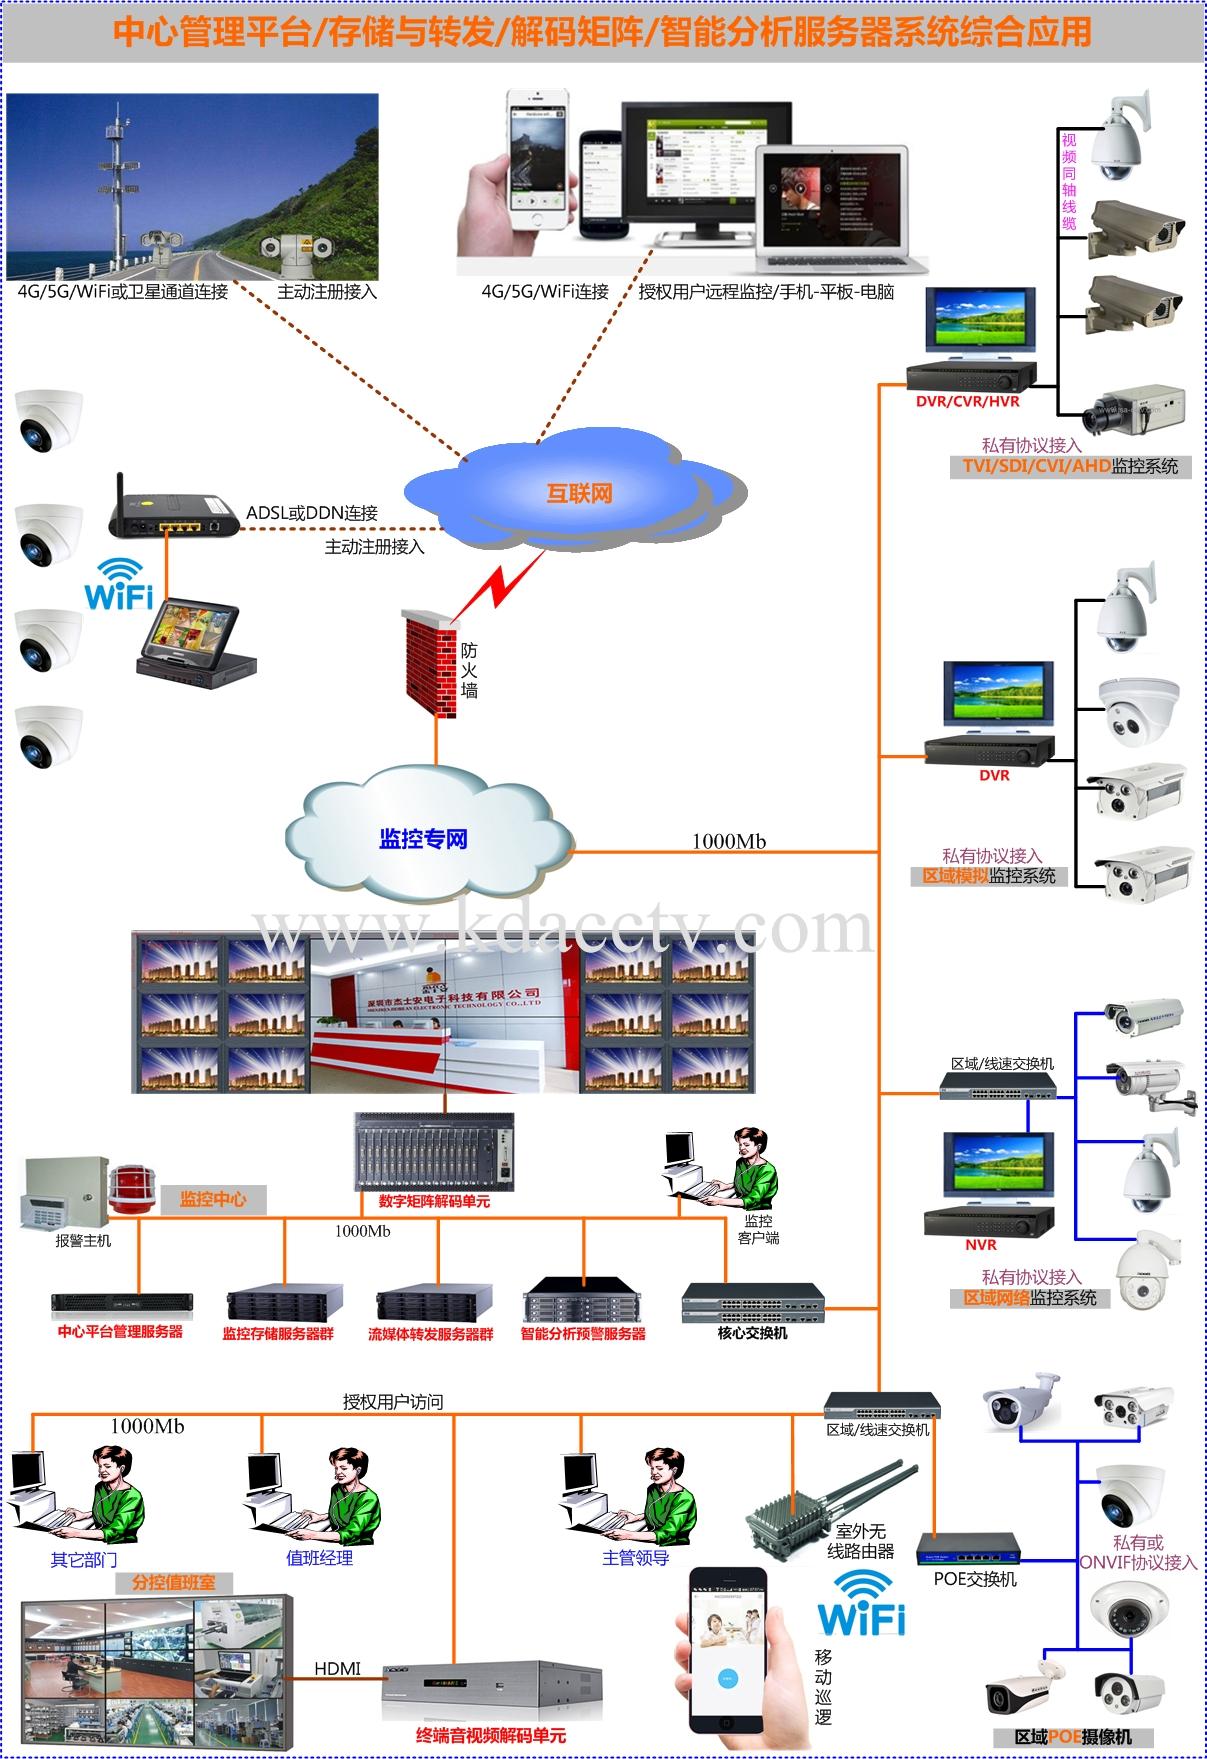 监控管理服务器